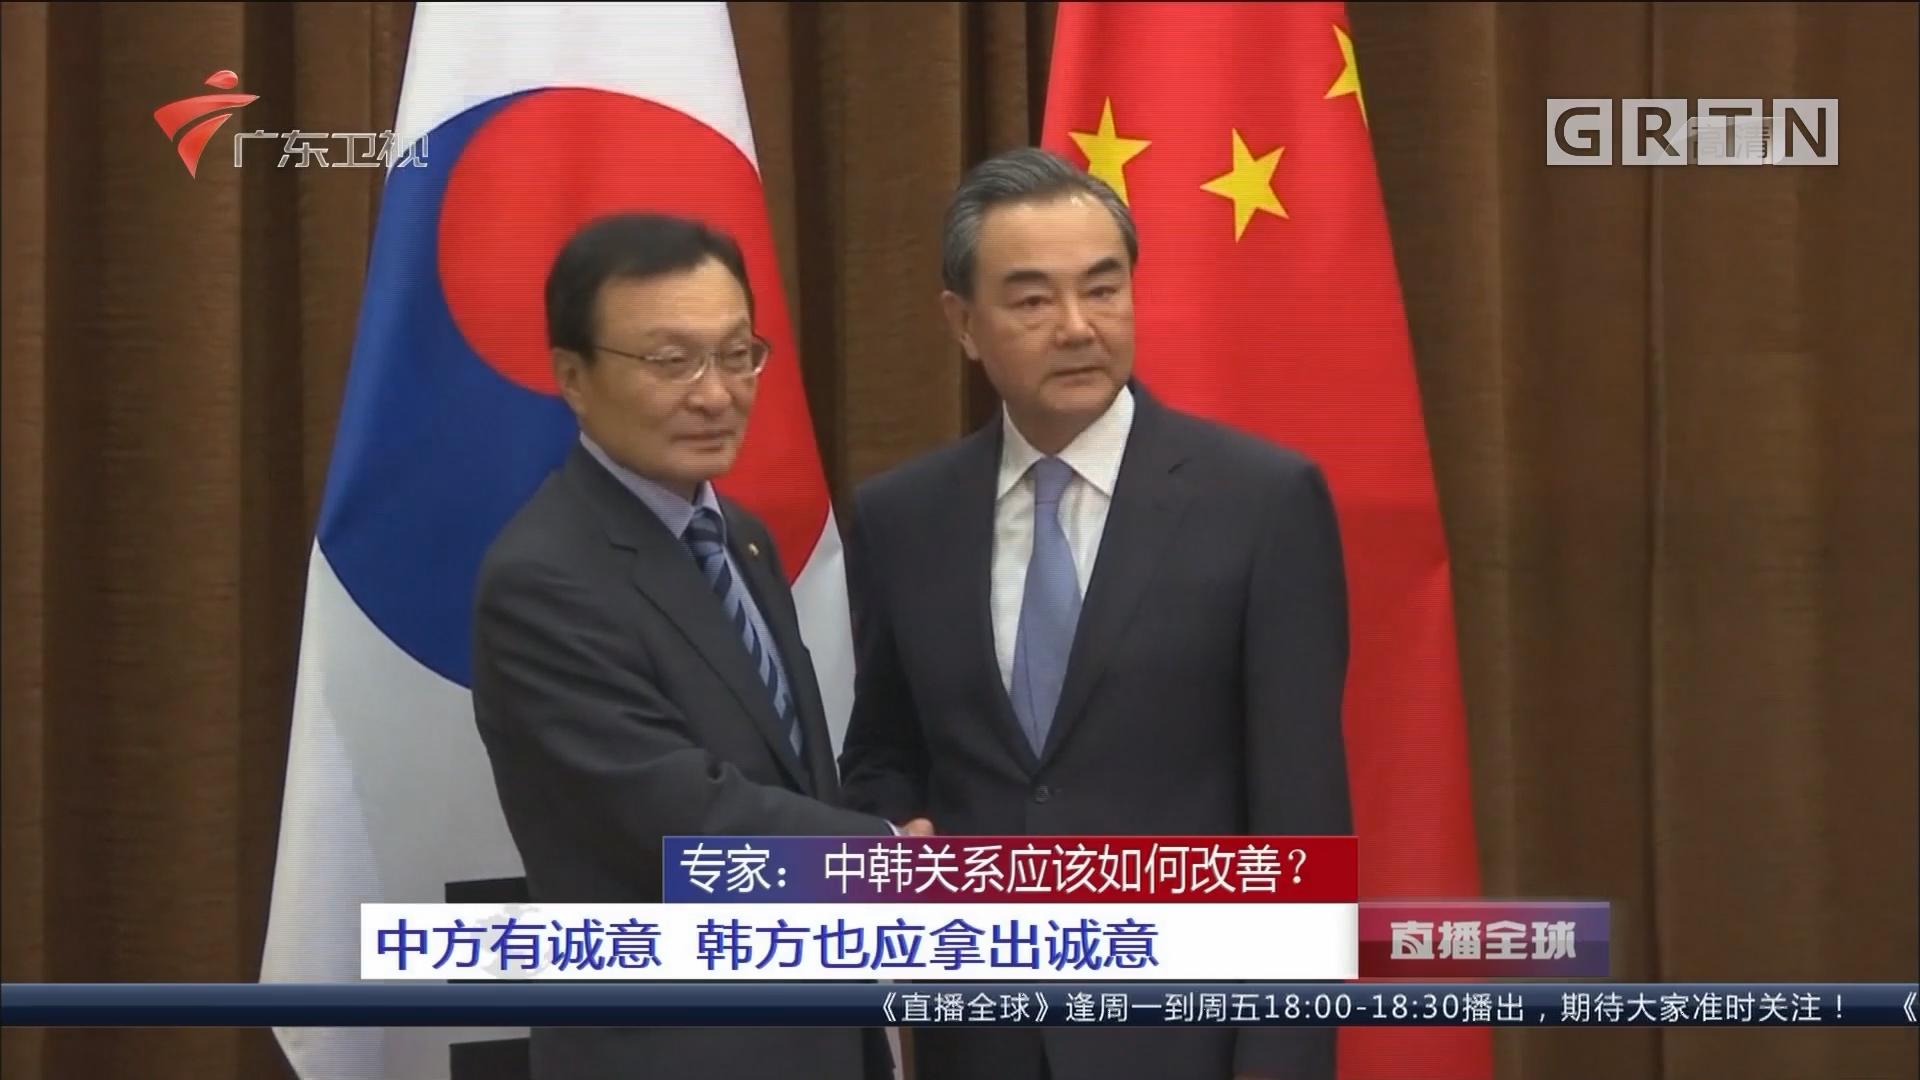 专家:中韩关系应该如何改善? 中方有诚意 韩方也应拿出诚意